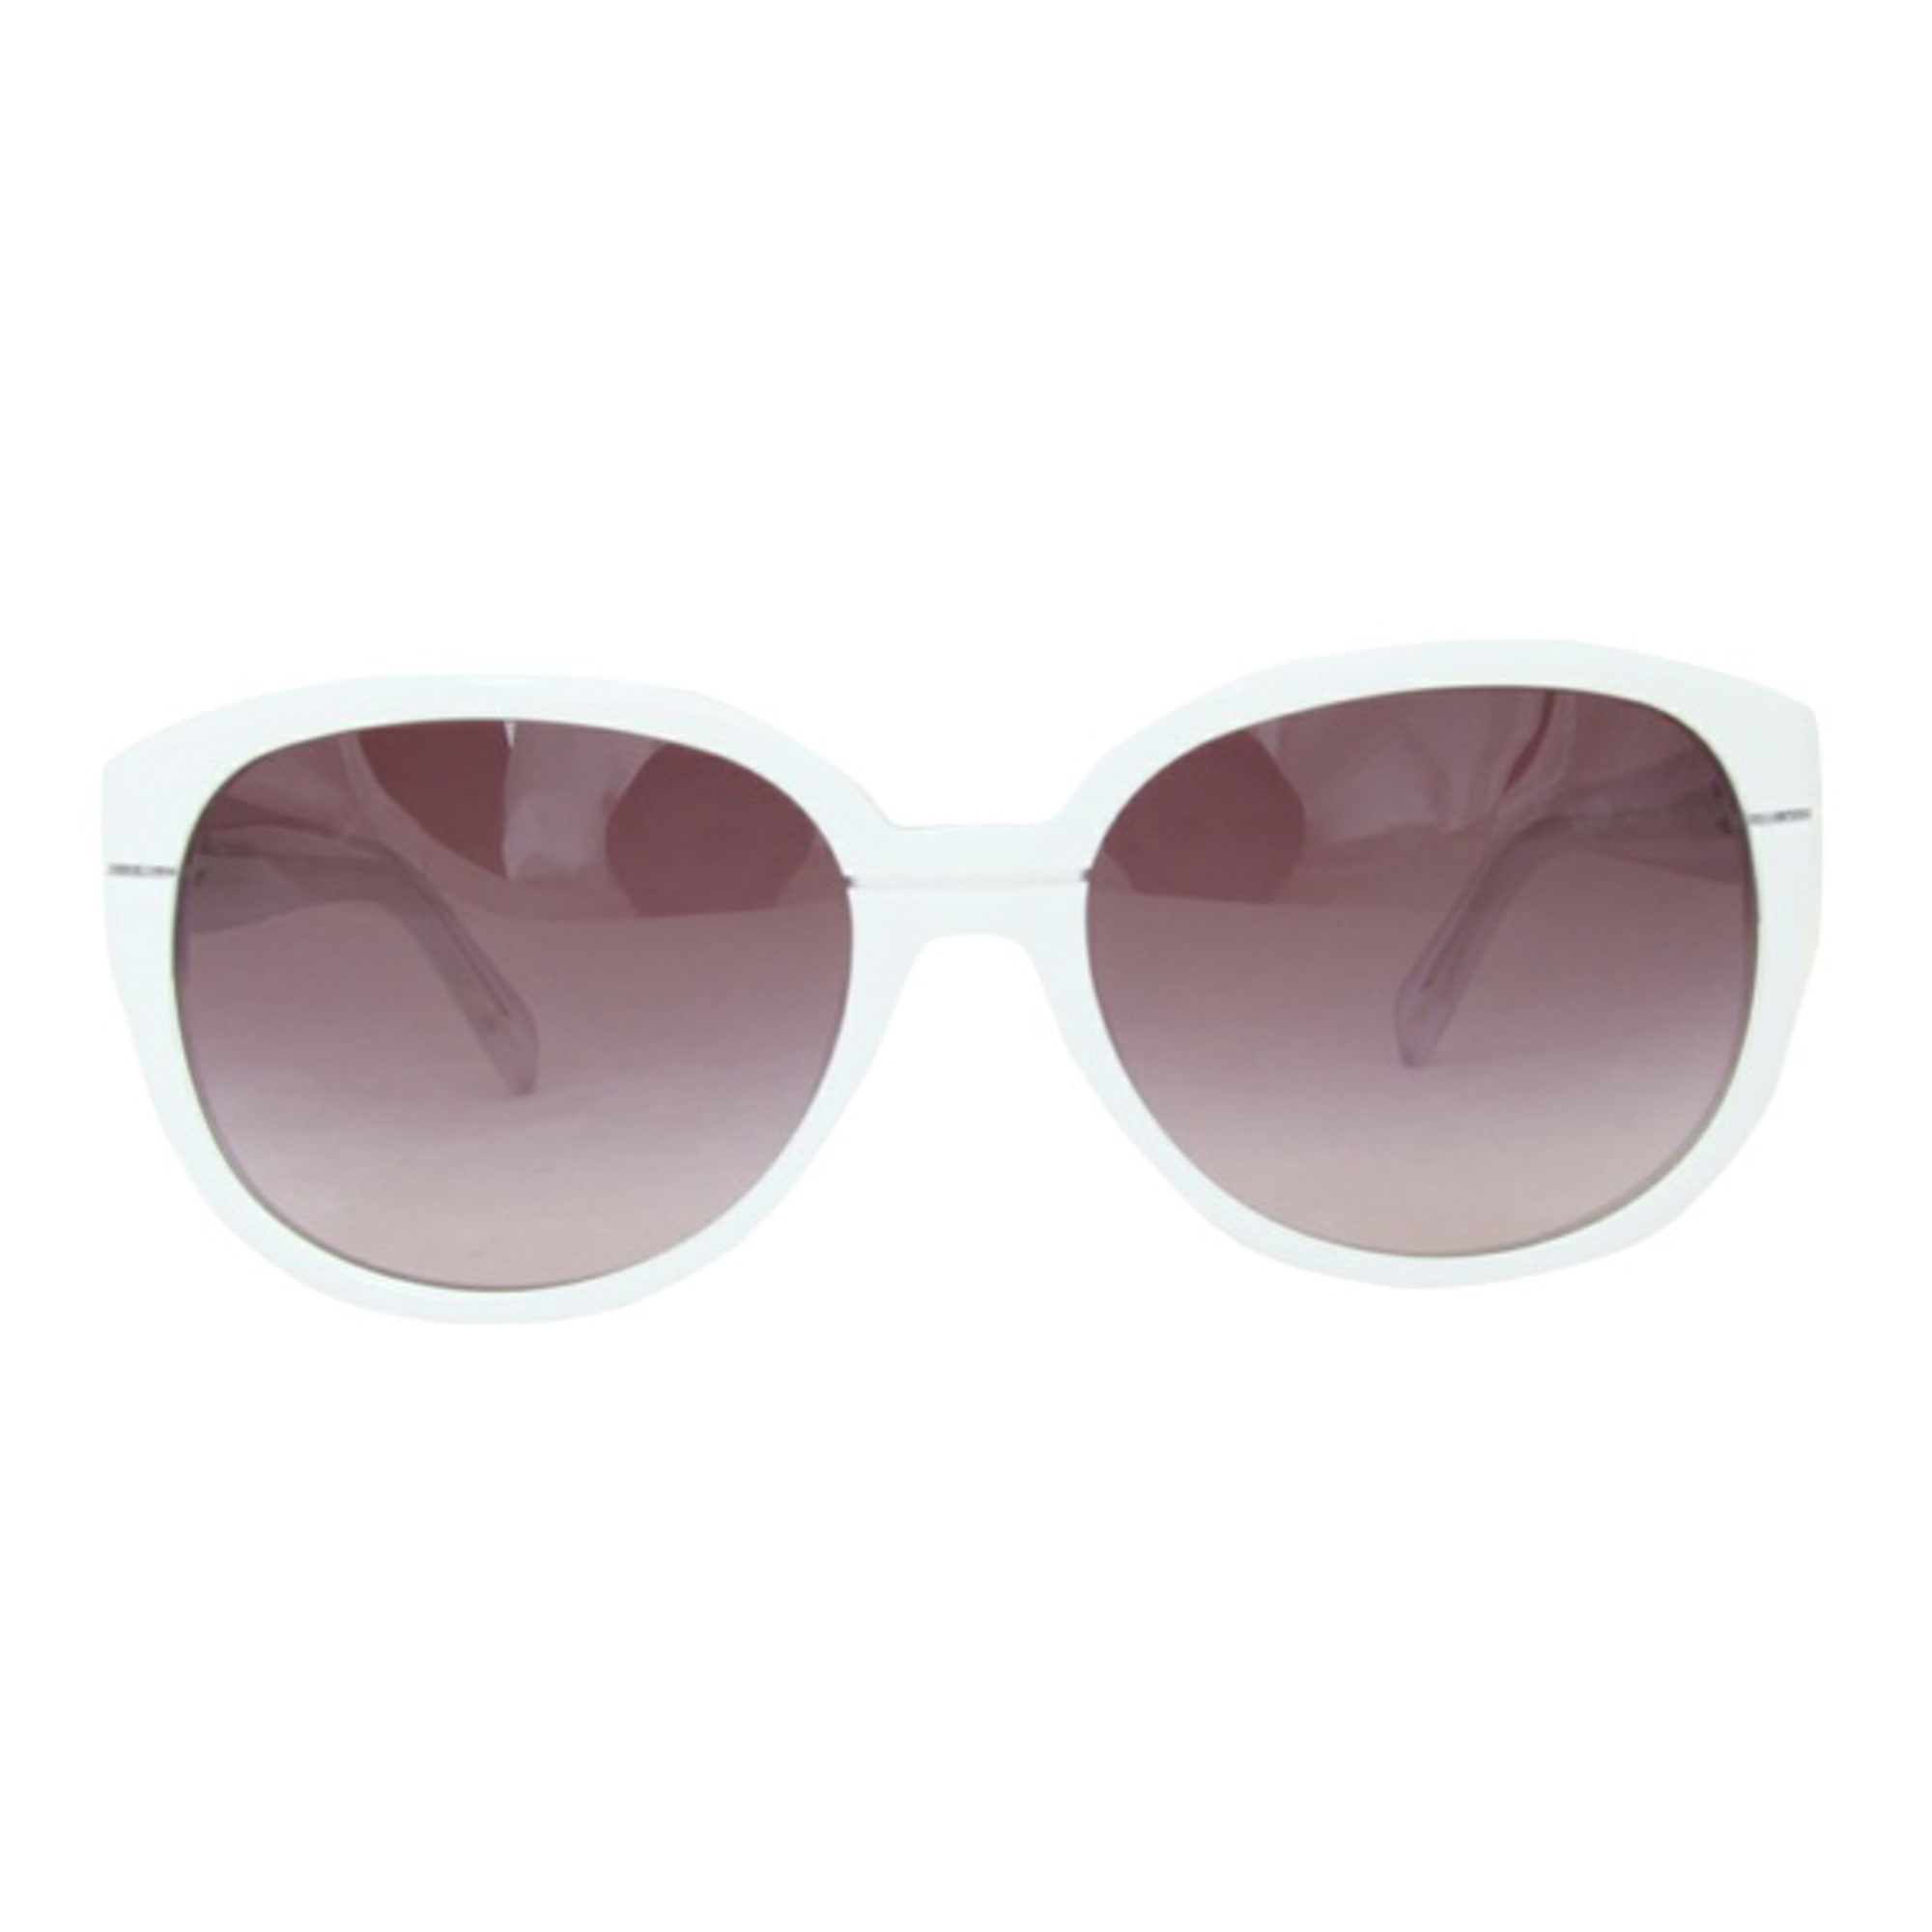 Lunettes de soleil JIL SANDER blanc vendu par Top designers - 1521648 a96e8ff2c3a2